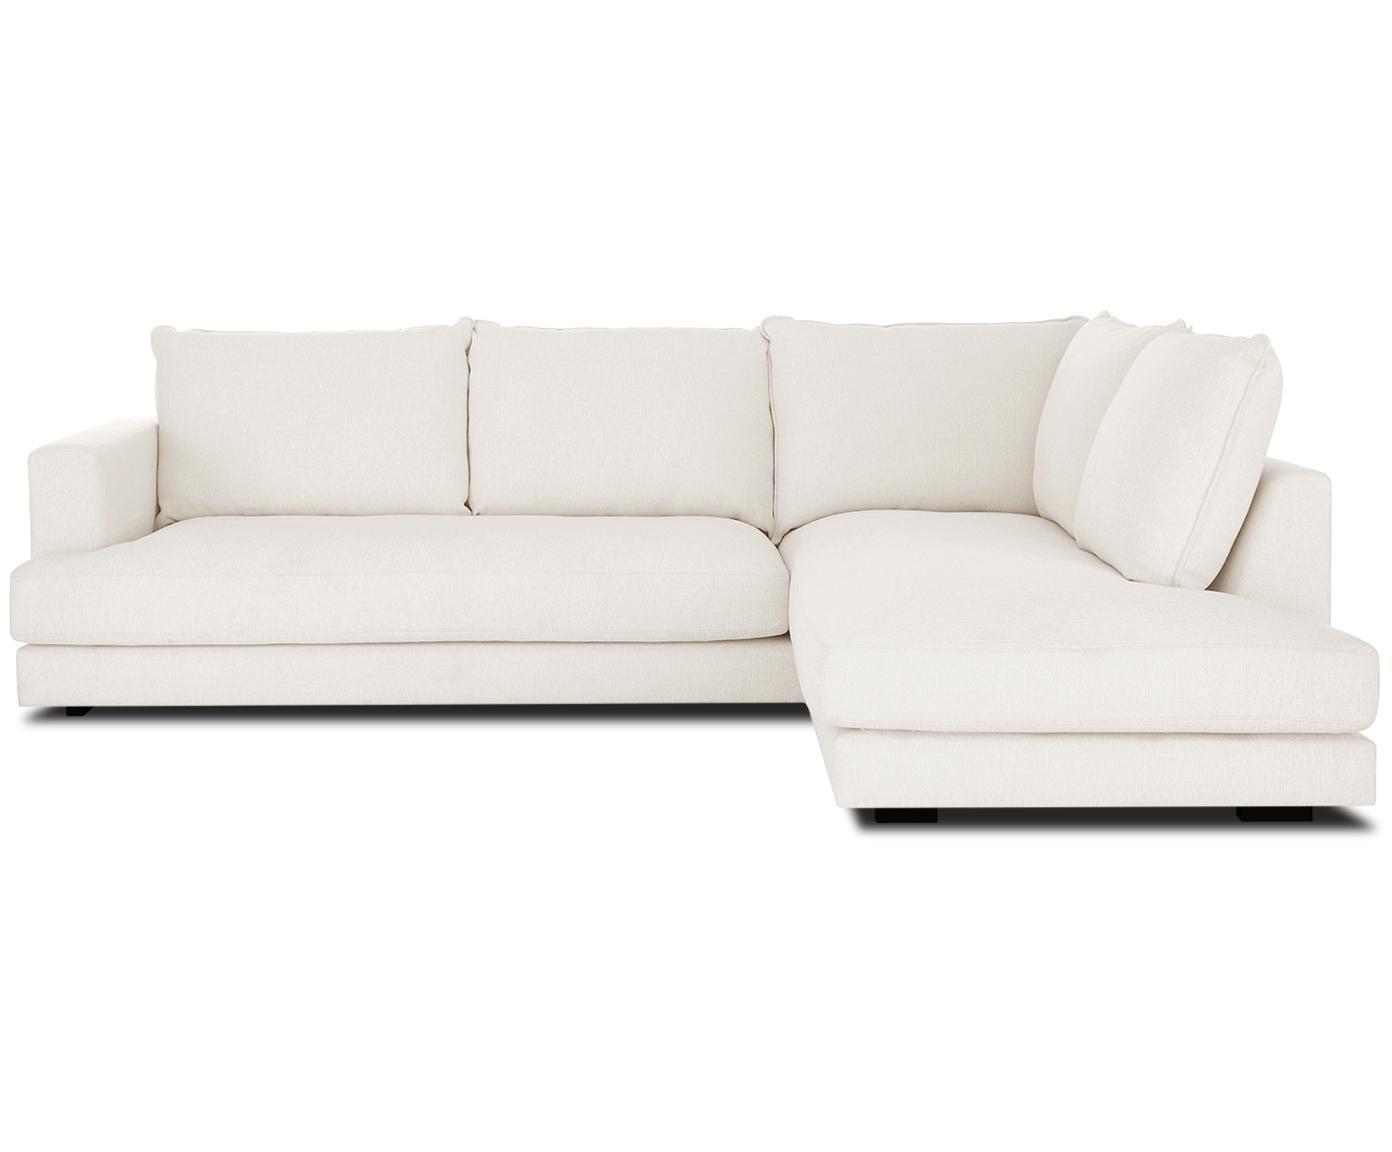 Duża sofa narożna Tribeca, Tapicerka: poliester 25000 cykli w , Stelaż: lite drewno sosnowe, Nogi: lite drewno sosnowe, laki, Beżowy, S 274 x G 192 cm